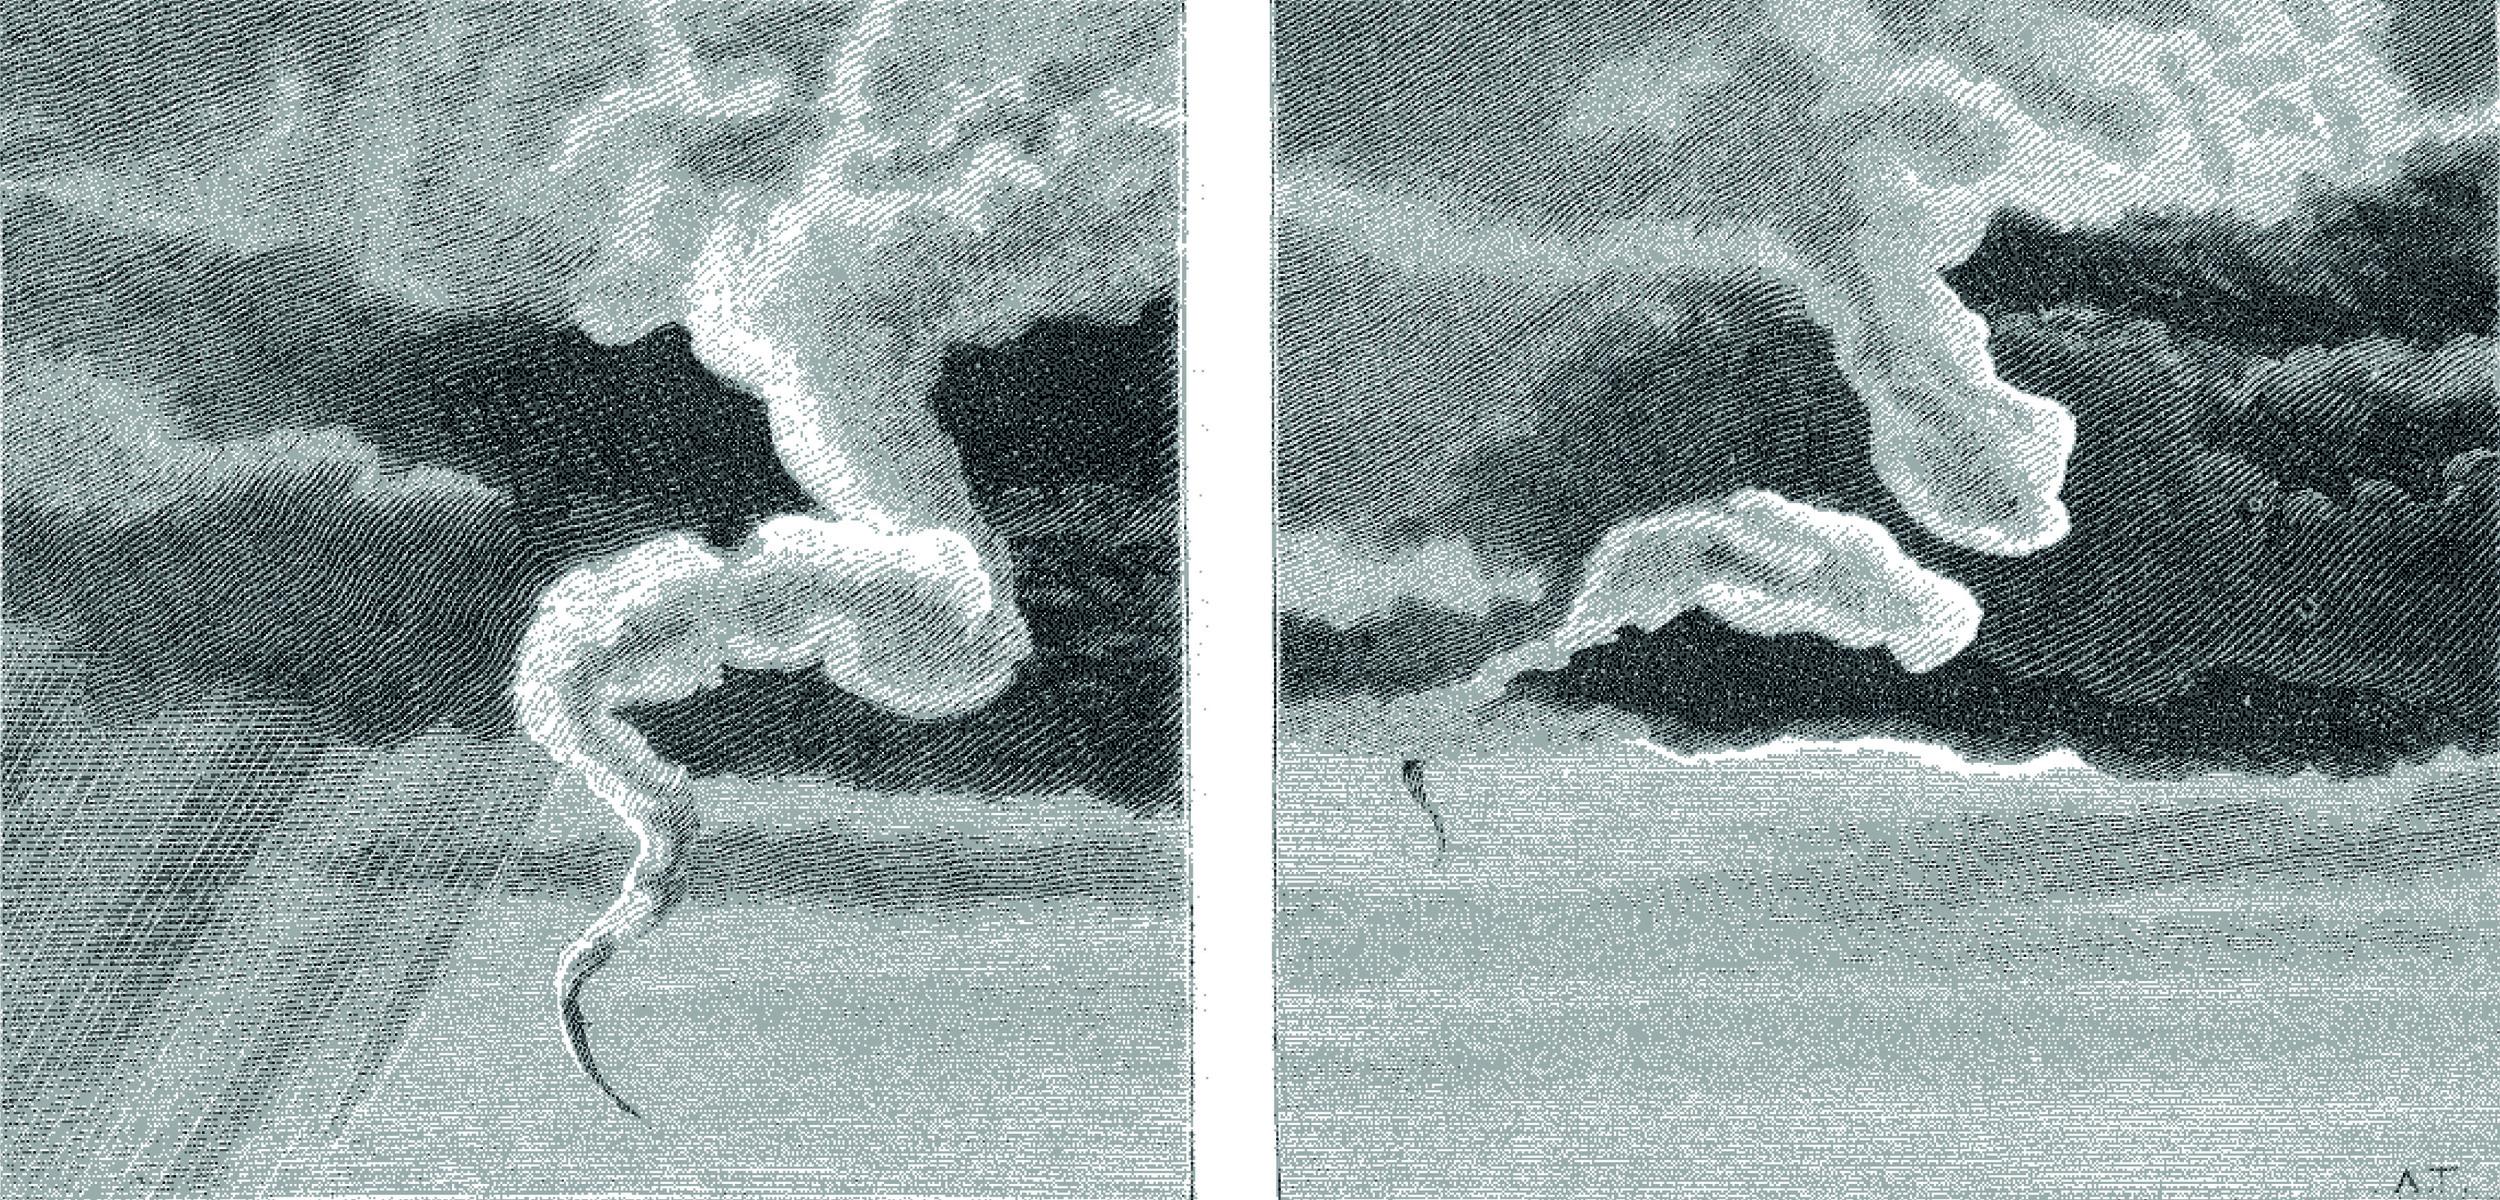 The dissipation of the Norwich tornado (June 1880) illustrated by Albert Tissandier.   source: Une Trombe Observee at Norwich, en Angleterre. La Nature 1880, 366–391, p. 215–216. Courtesy of   CNUM – Conservatoire Numérique des Arts et Métiers   (http://cnum.cnam.fr/).